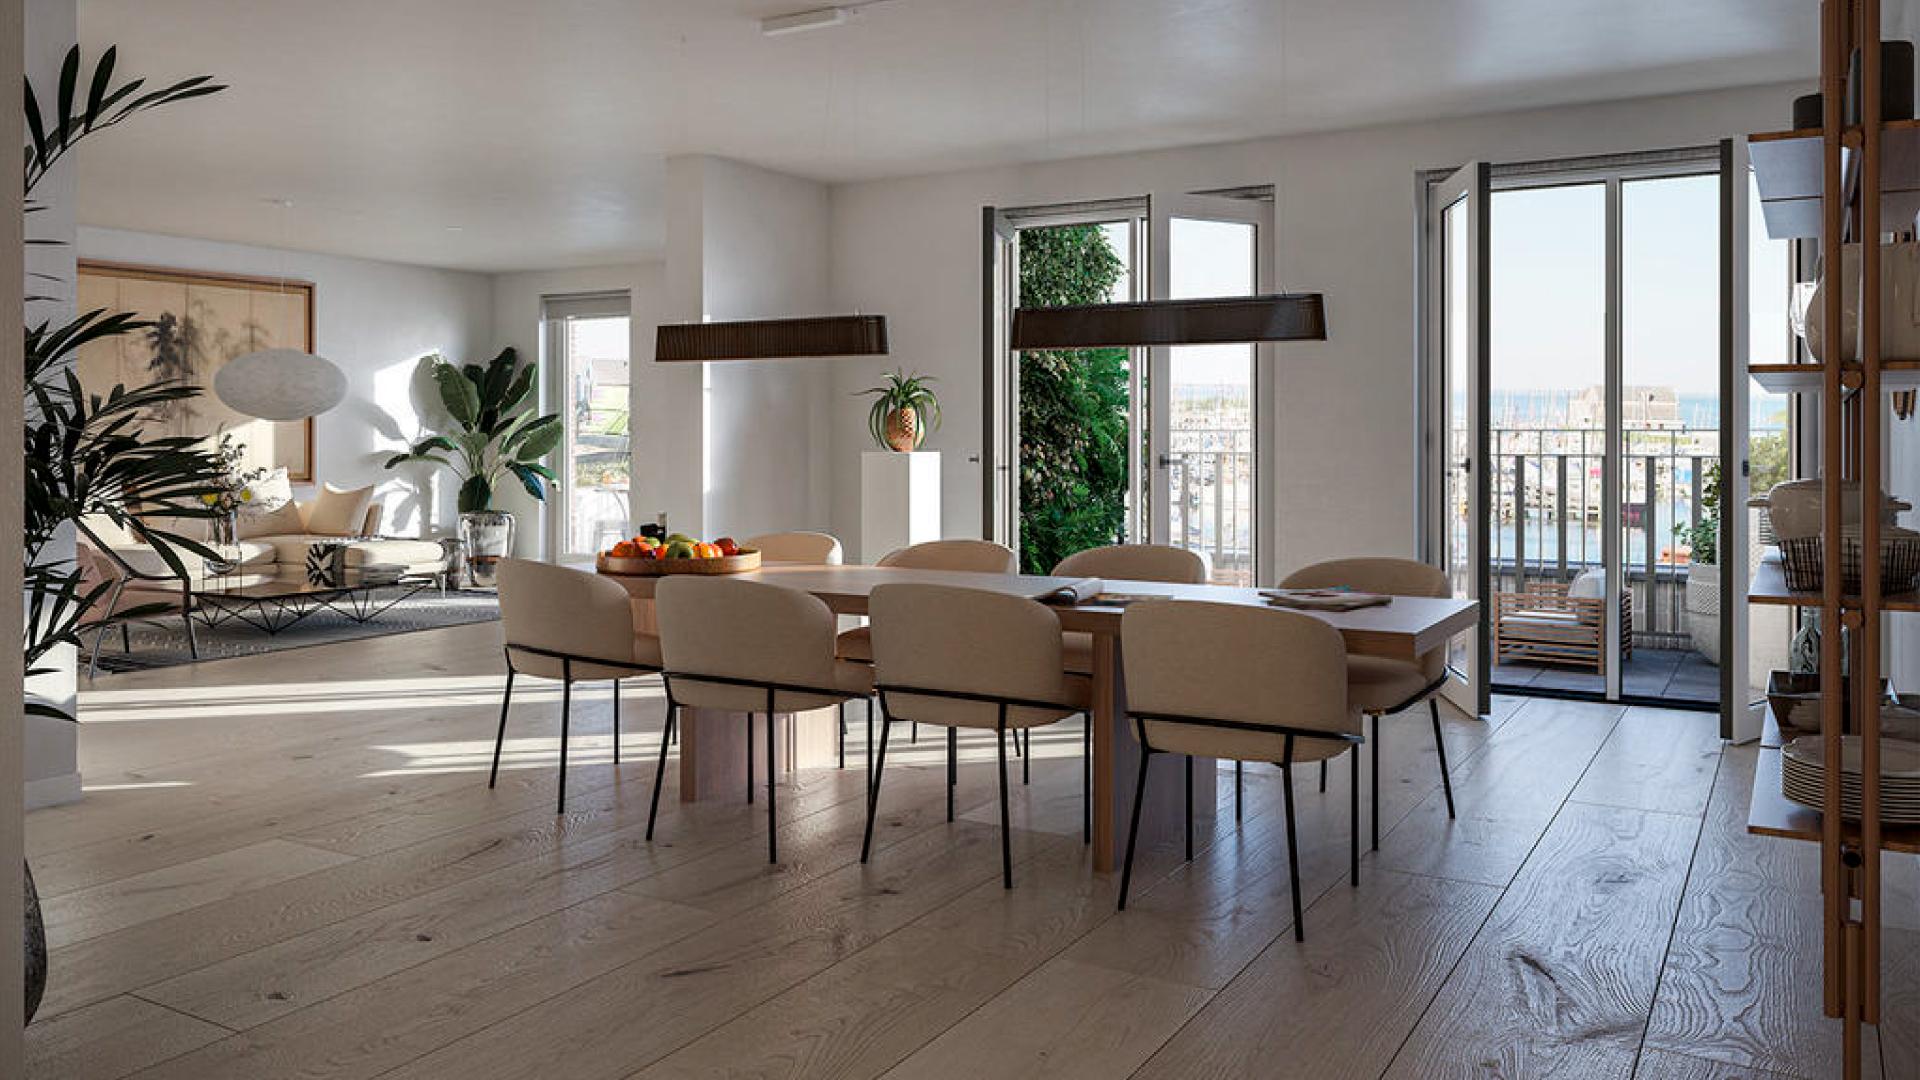 Waterfront-Kop-van-de-Bakens-appartement